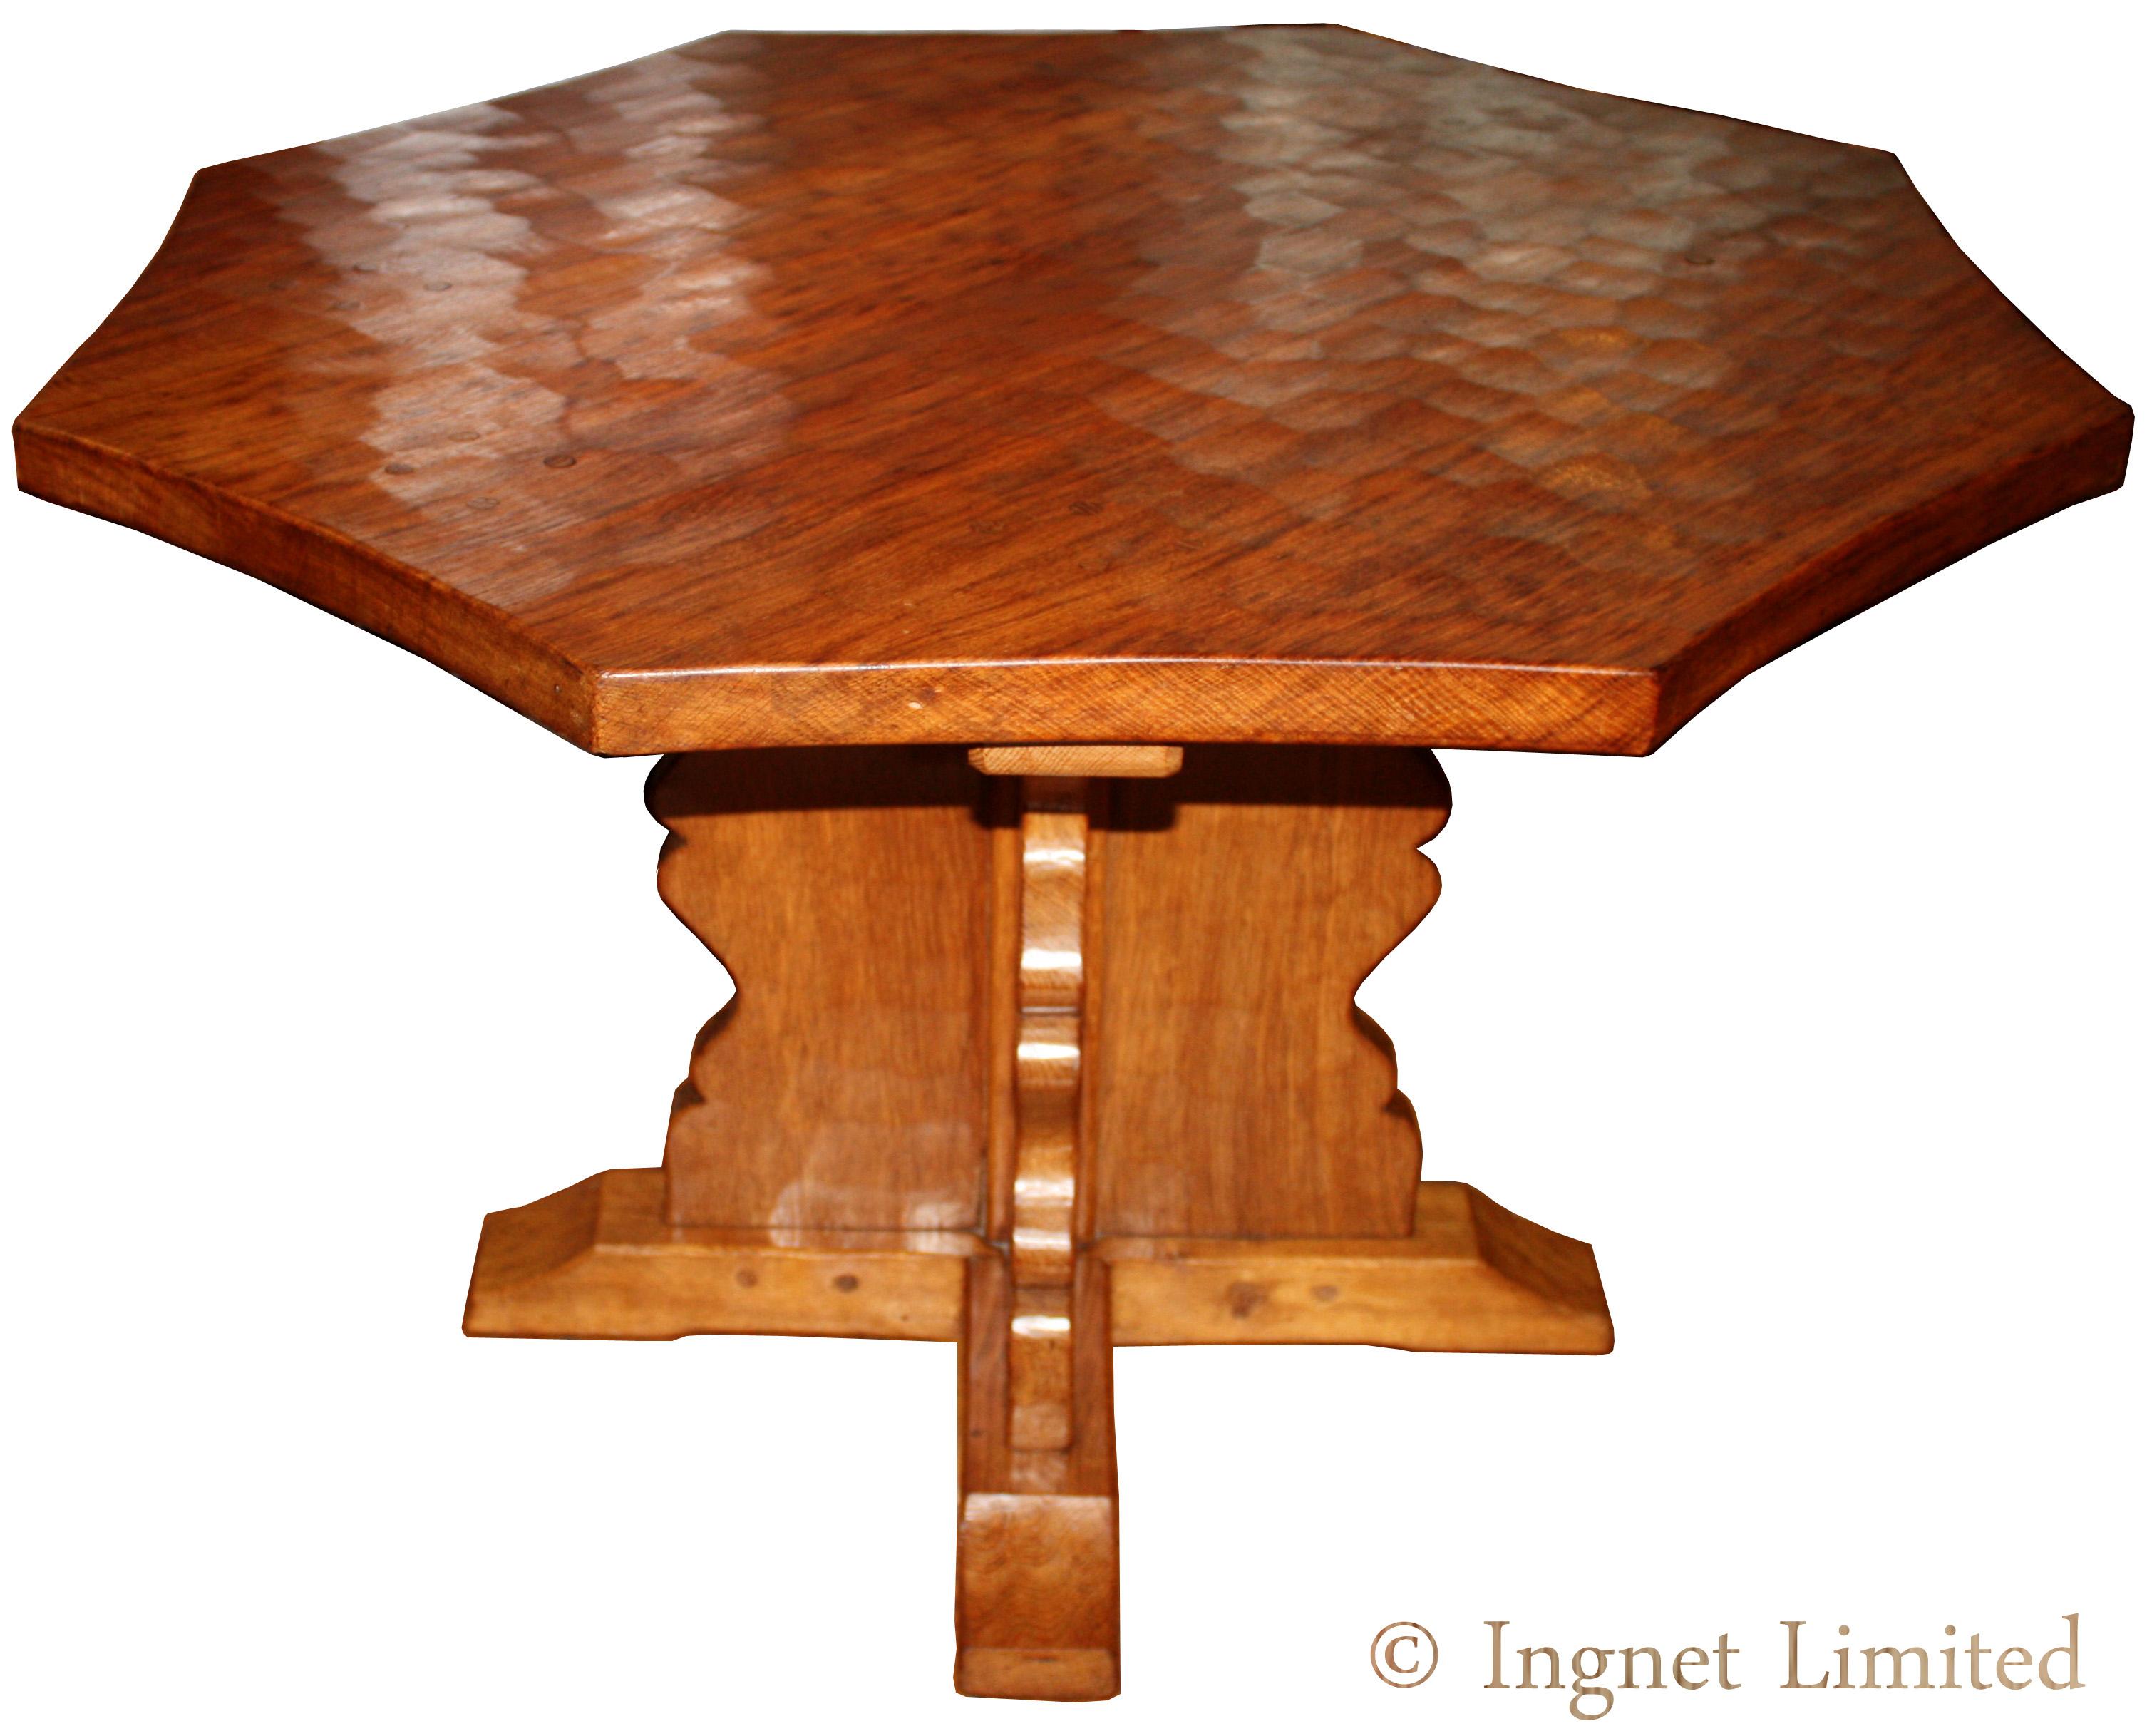 SID POLLARD OCTAGONAL OAK ADZED DINING TABLE Ingnet : aoctagonaldiningtable11214 from www.ingnet.co.uk size 3012 x 2435 jpeg 953kB